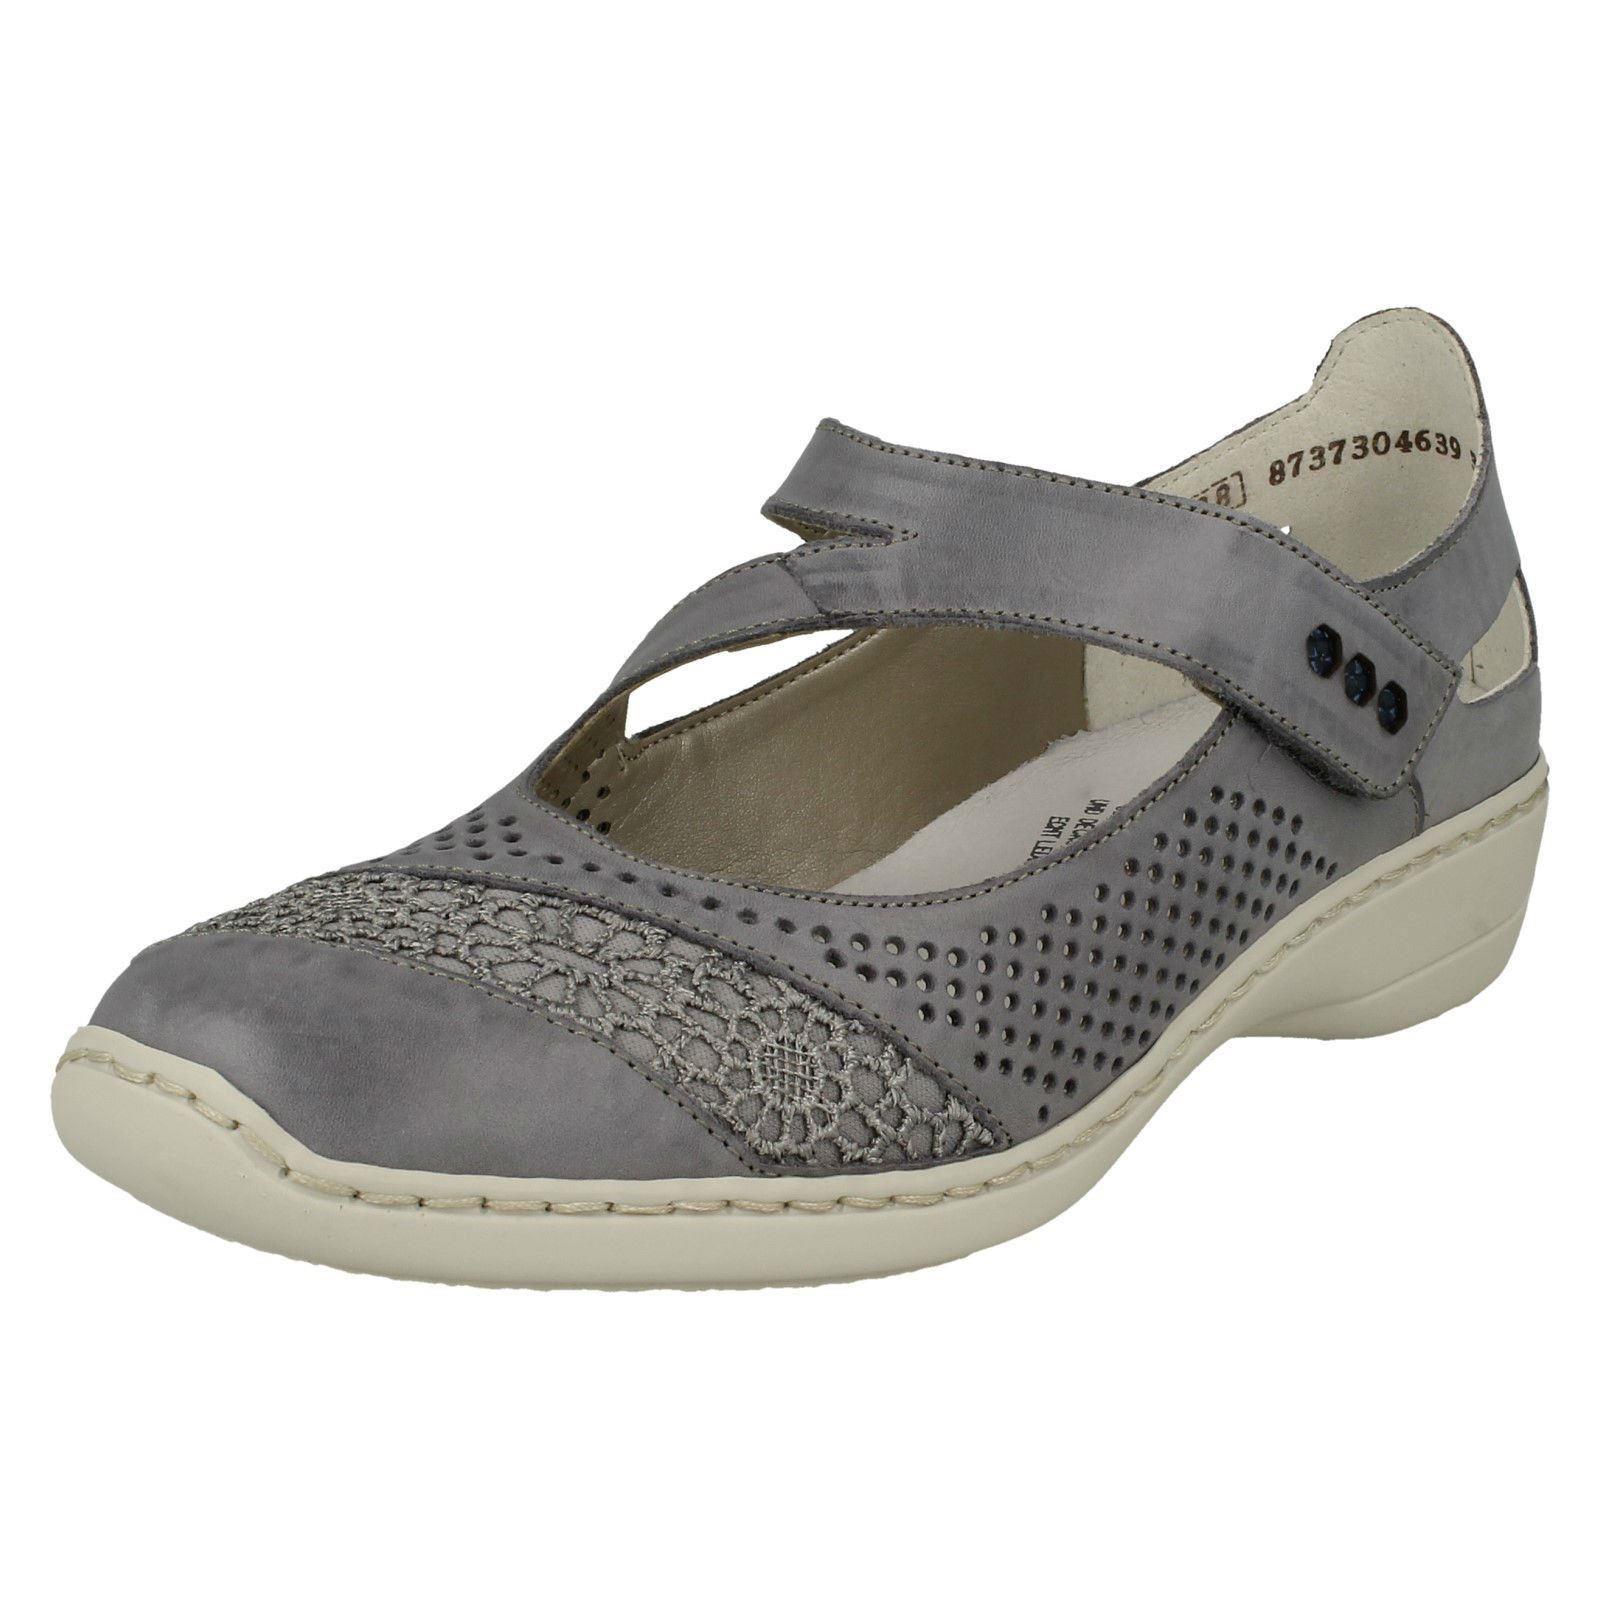 Los zapatos más populares para hombres y mujeres Descuento por tiempo limitado Ladies Rieker 41346 Blue Leather Casual Mary Jane Bar Shoes